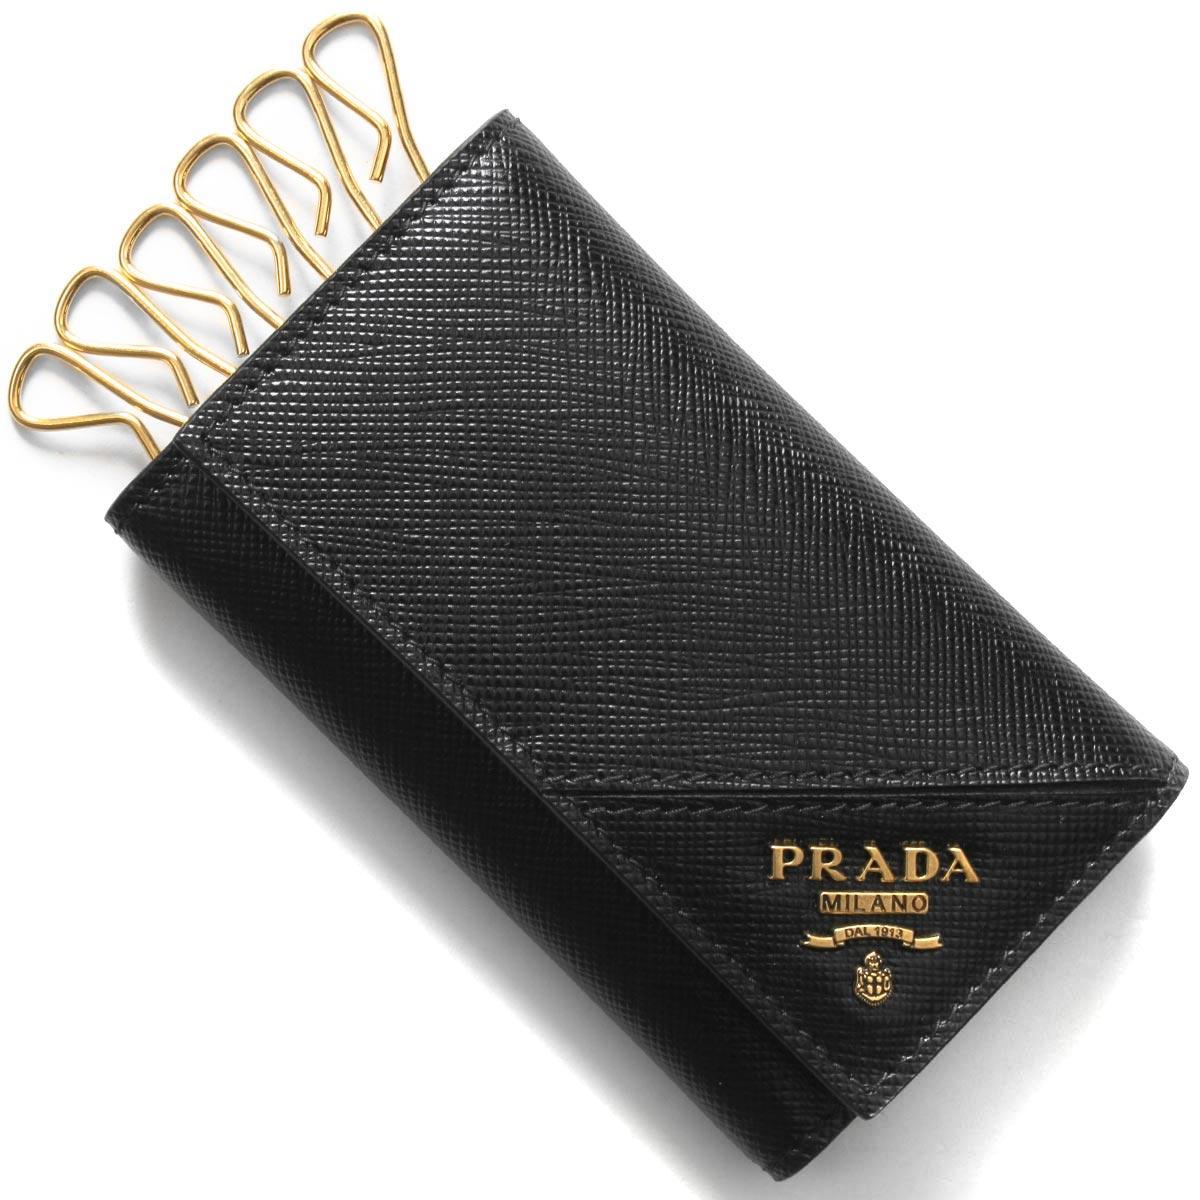 あす楽送料無料 バースデー 記念日 ギフト 贈物 お勧め 通販 プラダ キーケース 新色追加して再販 メンズ サフィアーノ メタル 2021年春夏新作 2PG222 QME F0632 ブラック PRADA